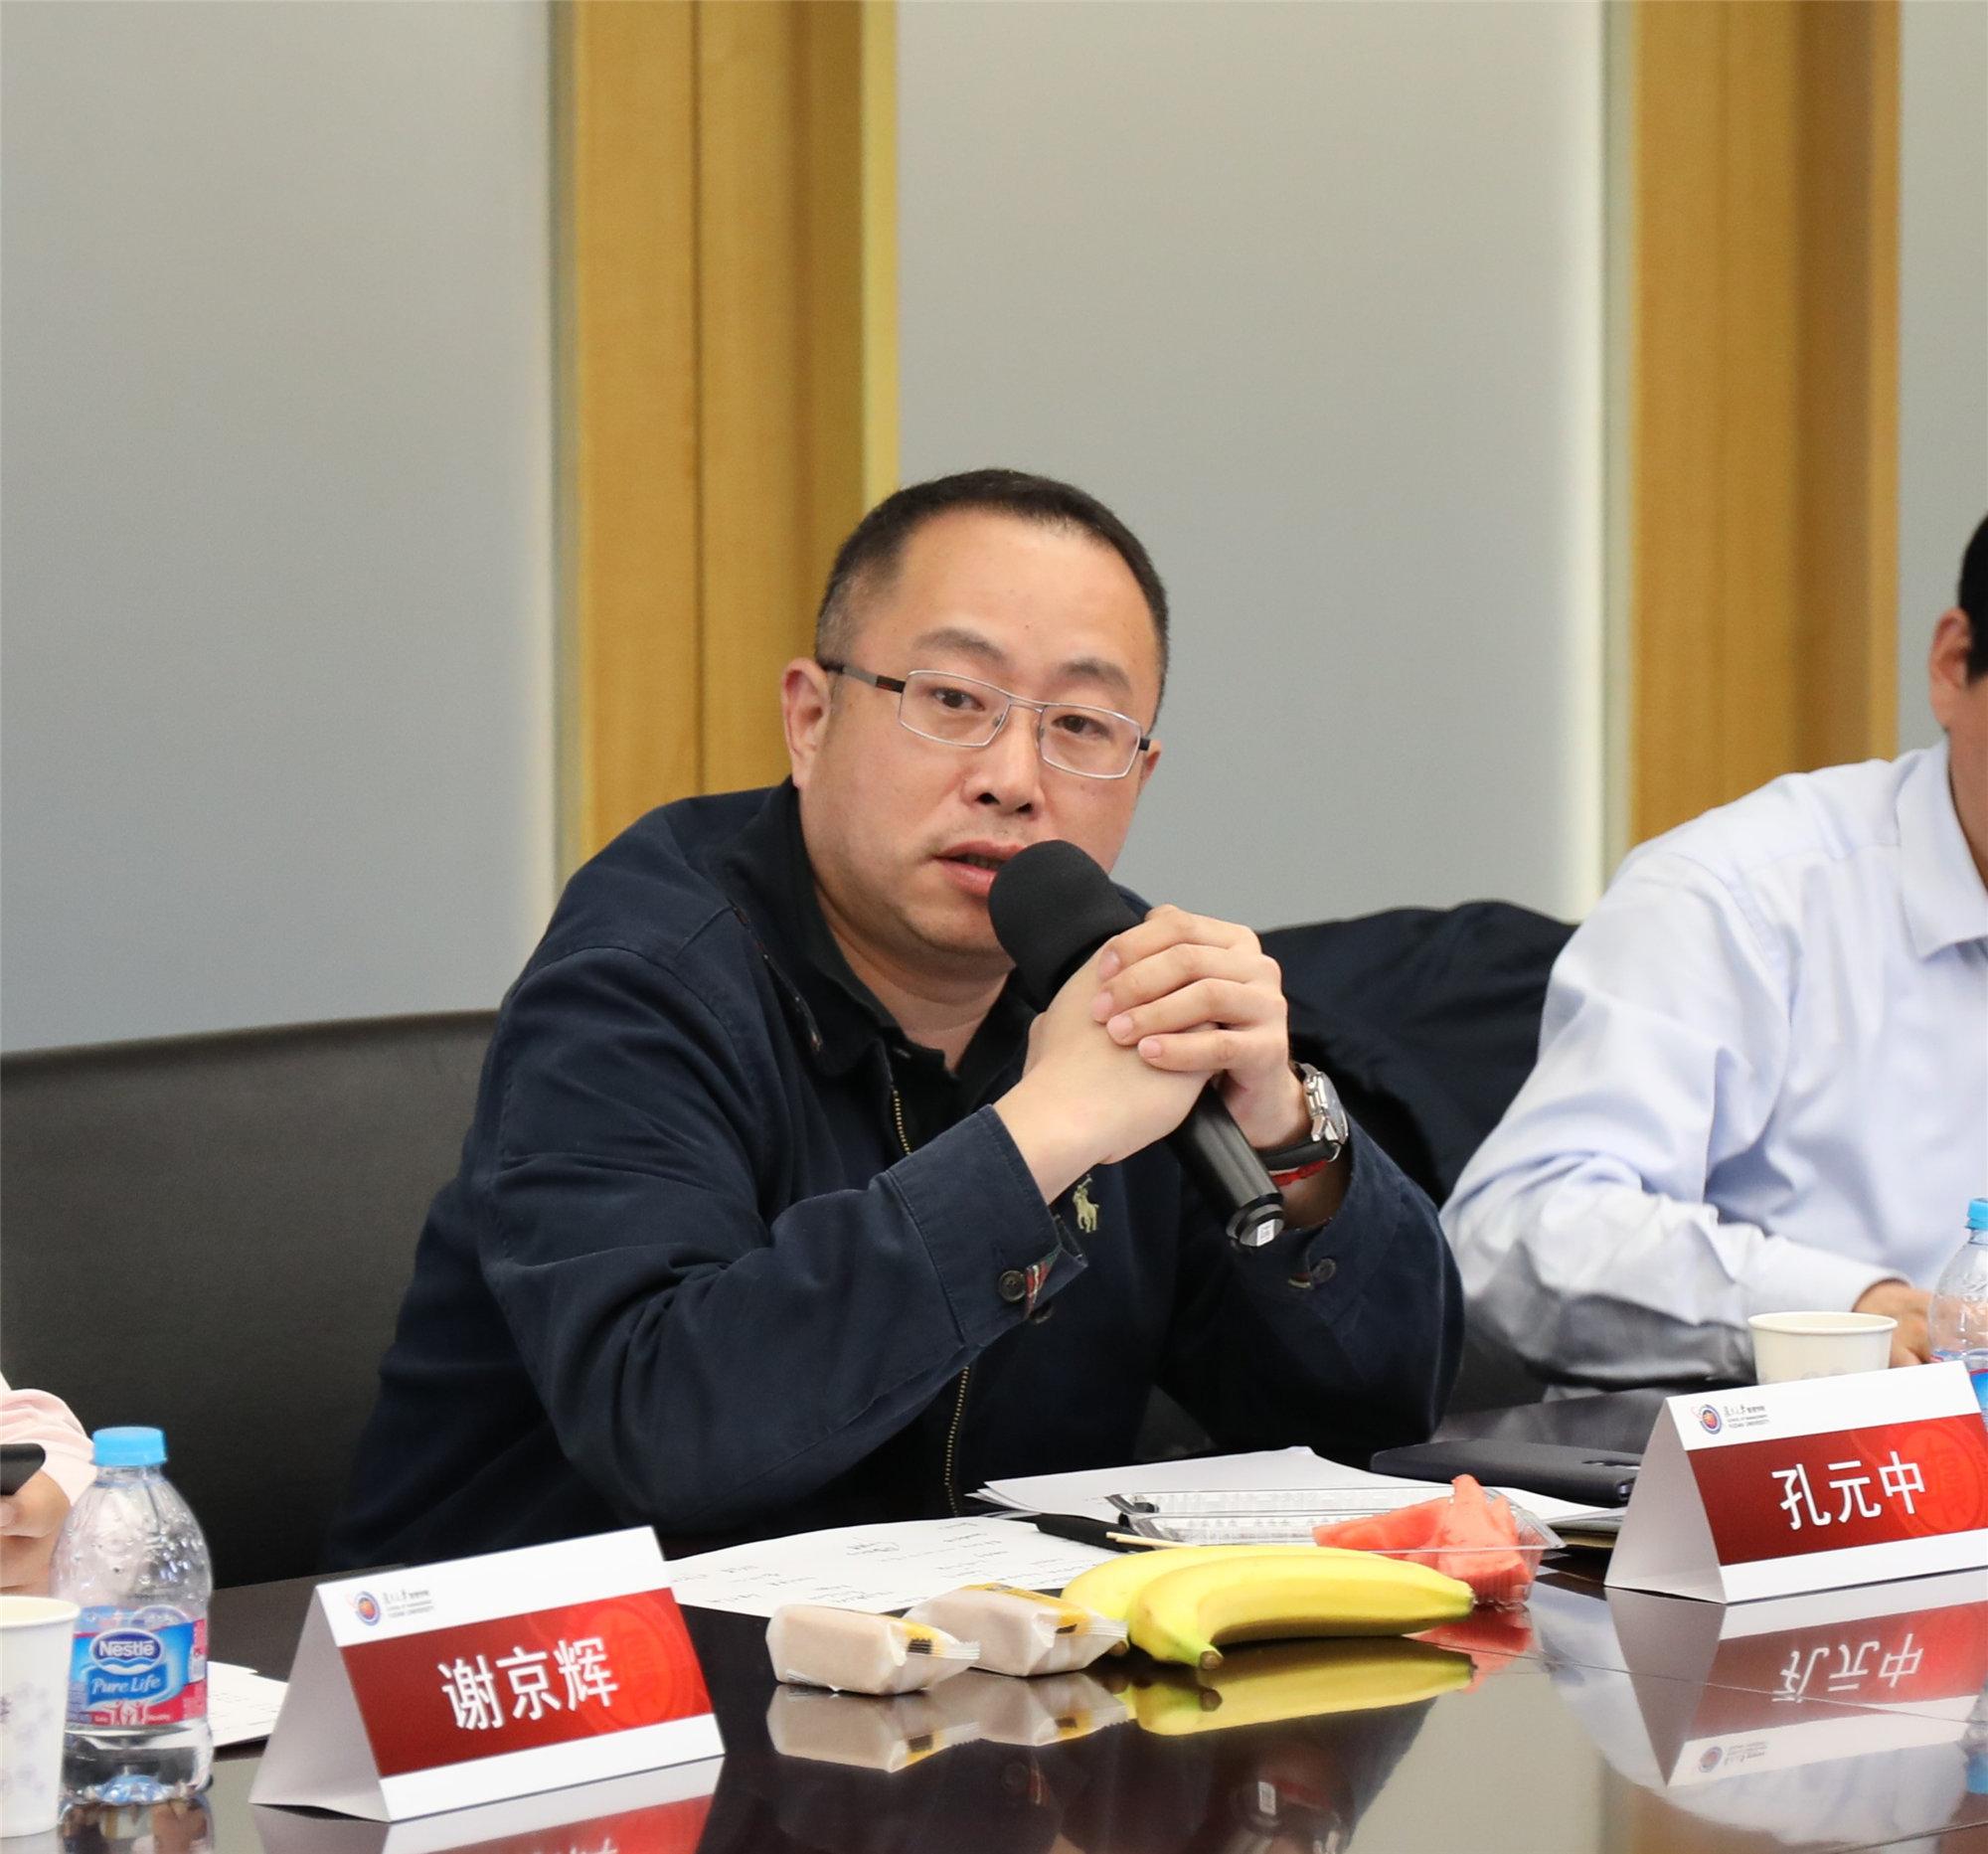 上海知識產權局協調處處長 孔元中